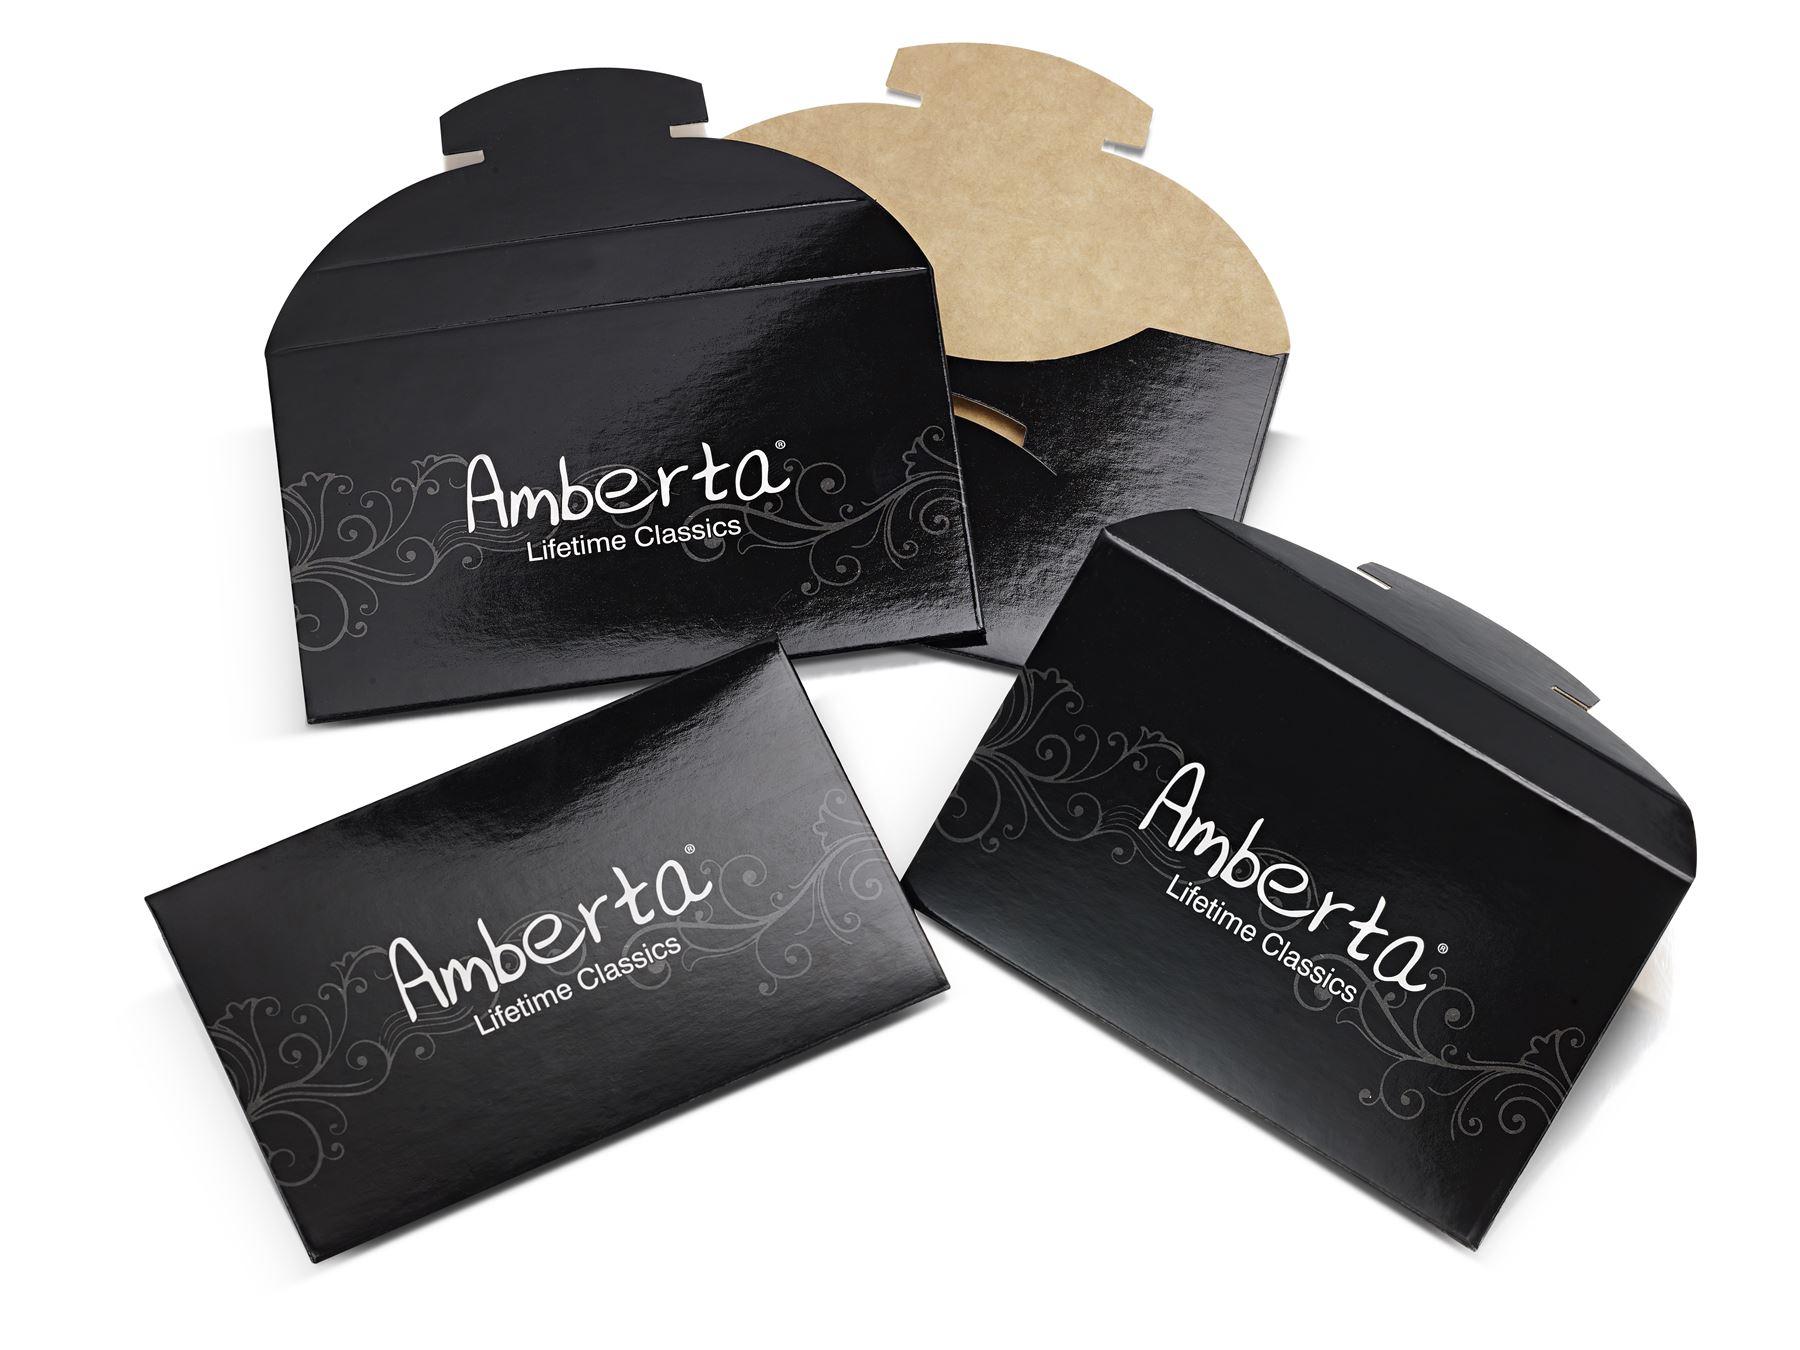 Amberta-Bijoux-Bracelet-en-Vrai-Argent-Sterling-925-Chaine-pour-Femme-a-la-Mode thumbnail 104